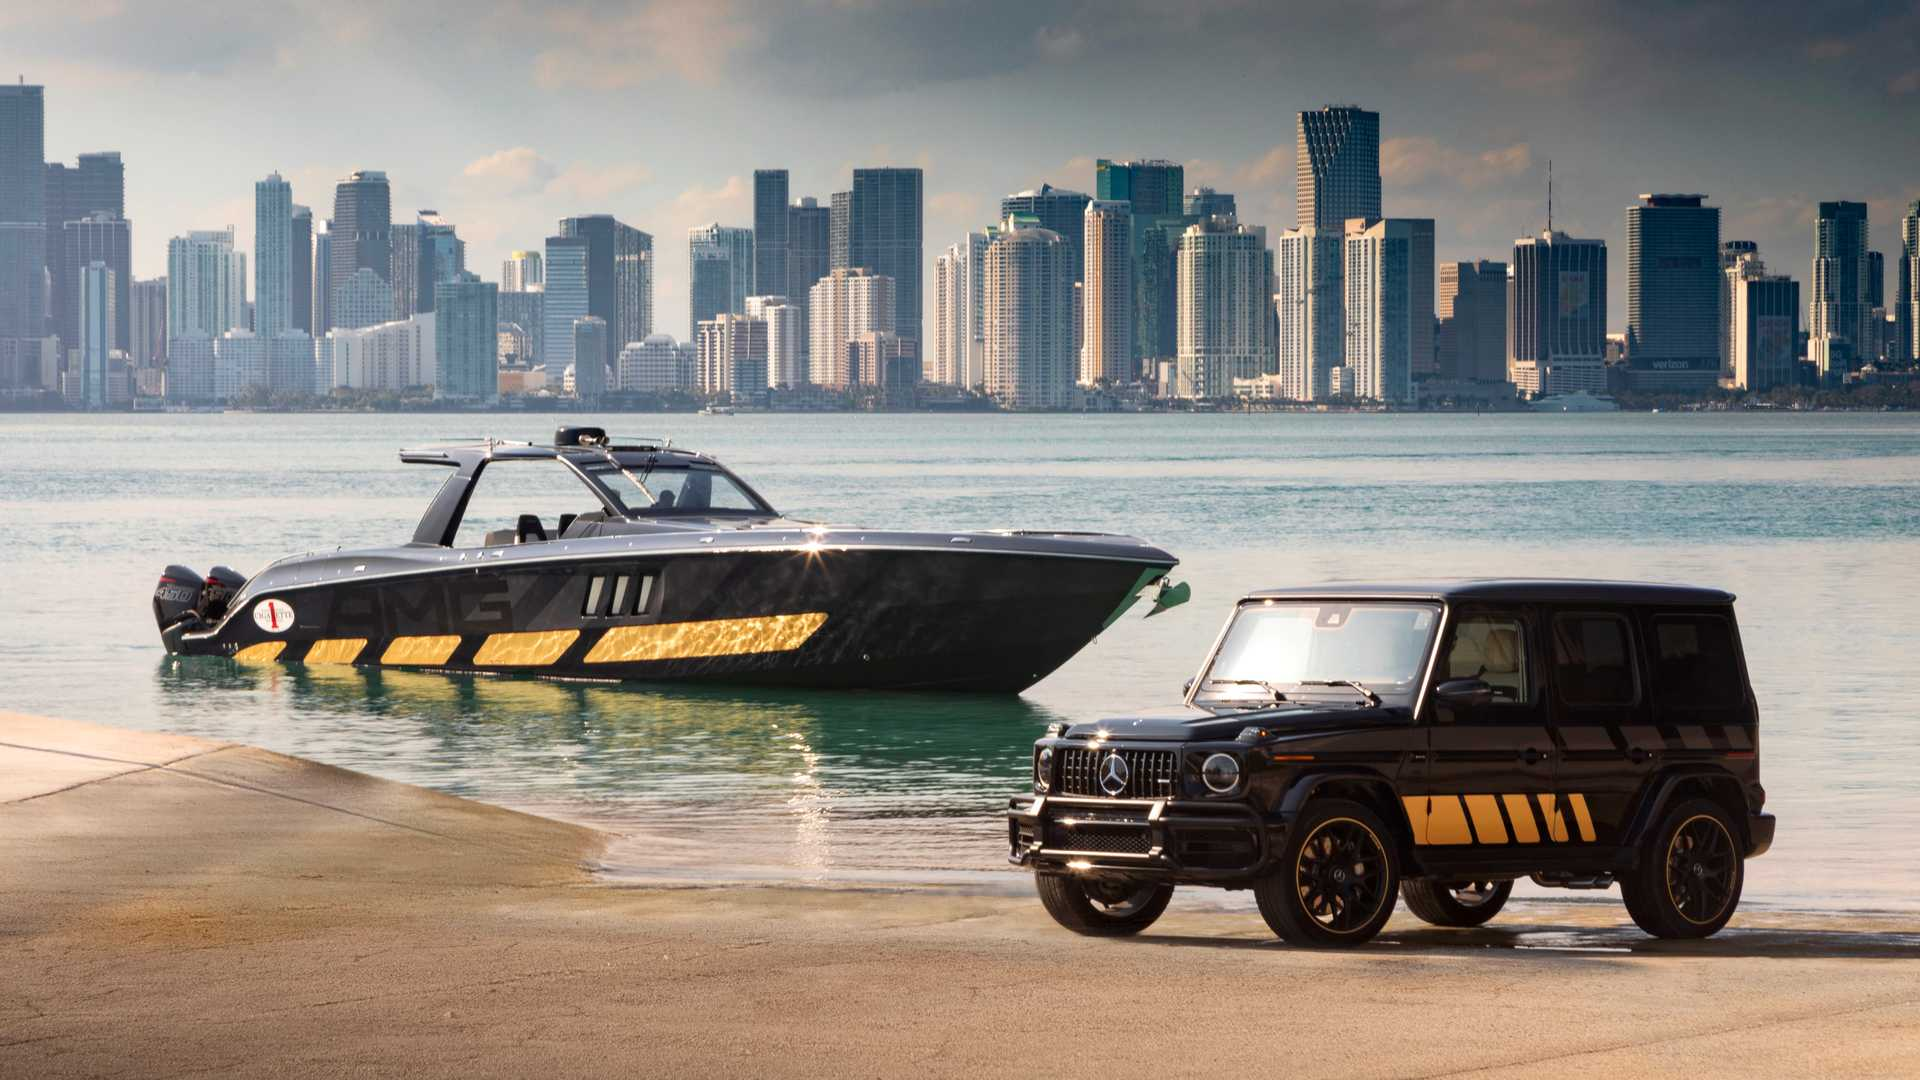 Mercedes-AMG bringt neues Schnellboot auf den Markt